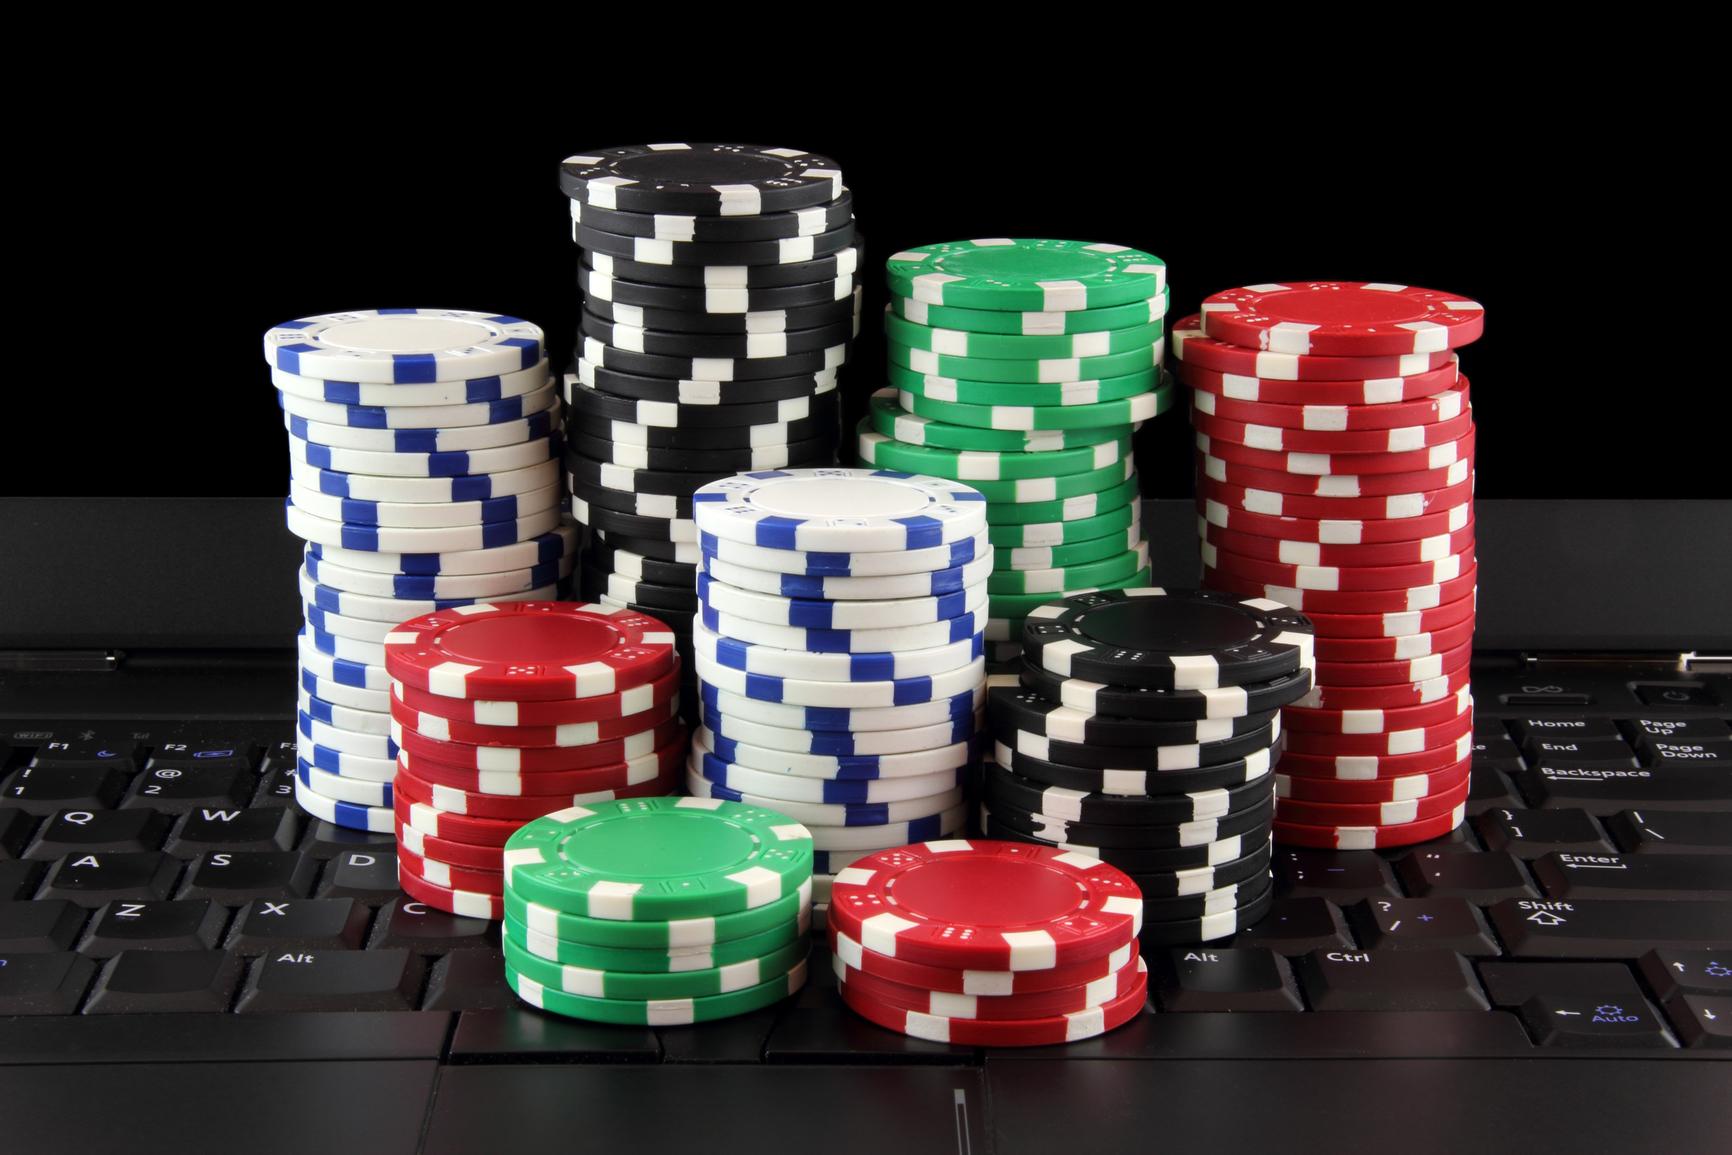 b spot gambling states